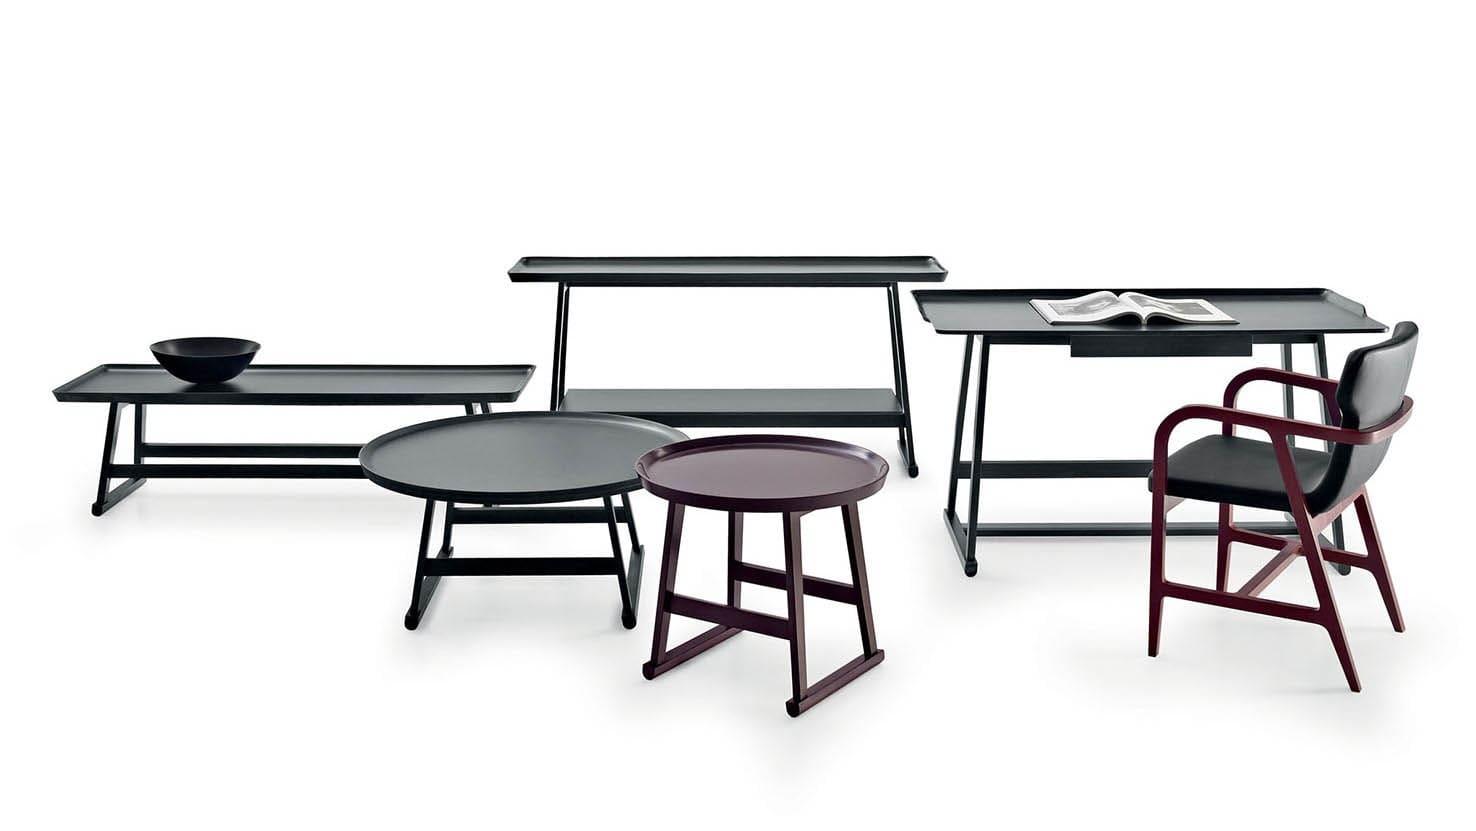 maxalto recipio14 small table